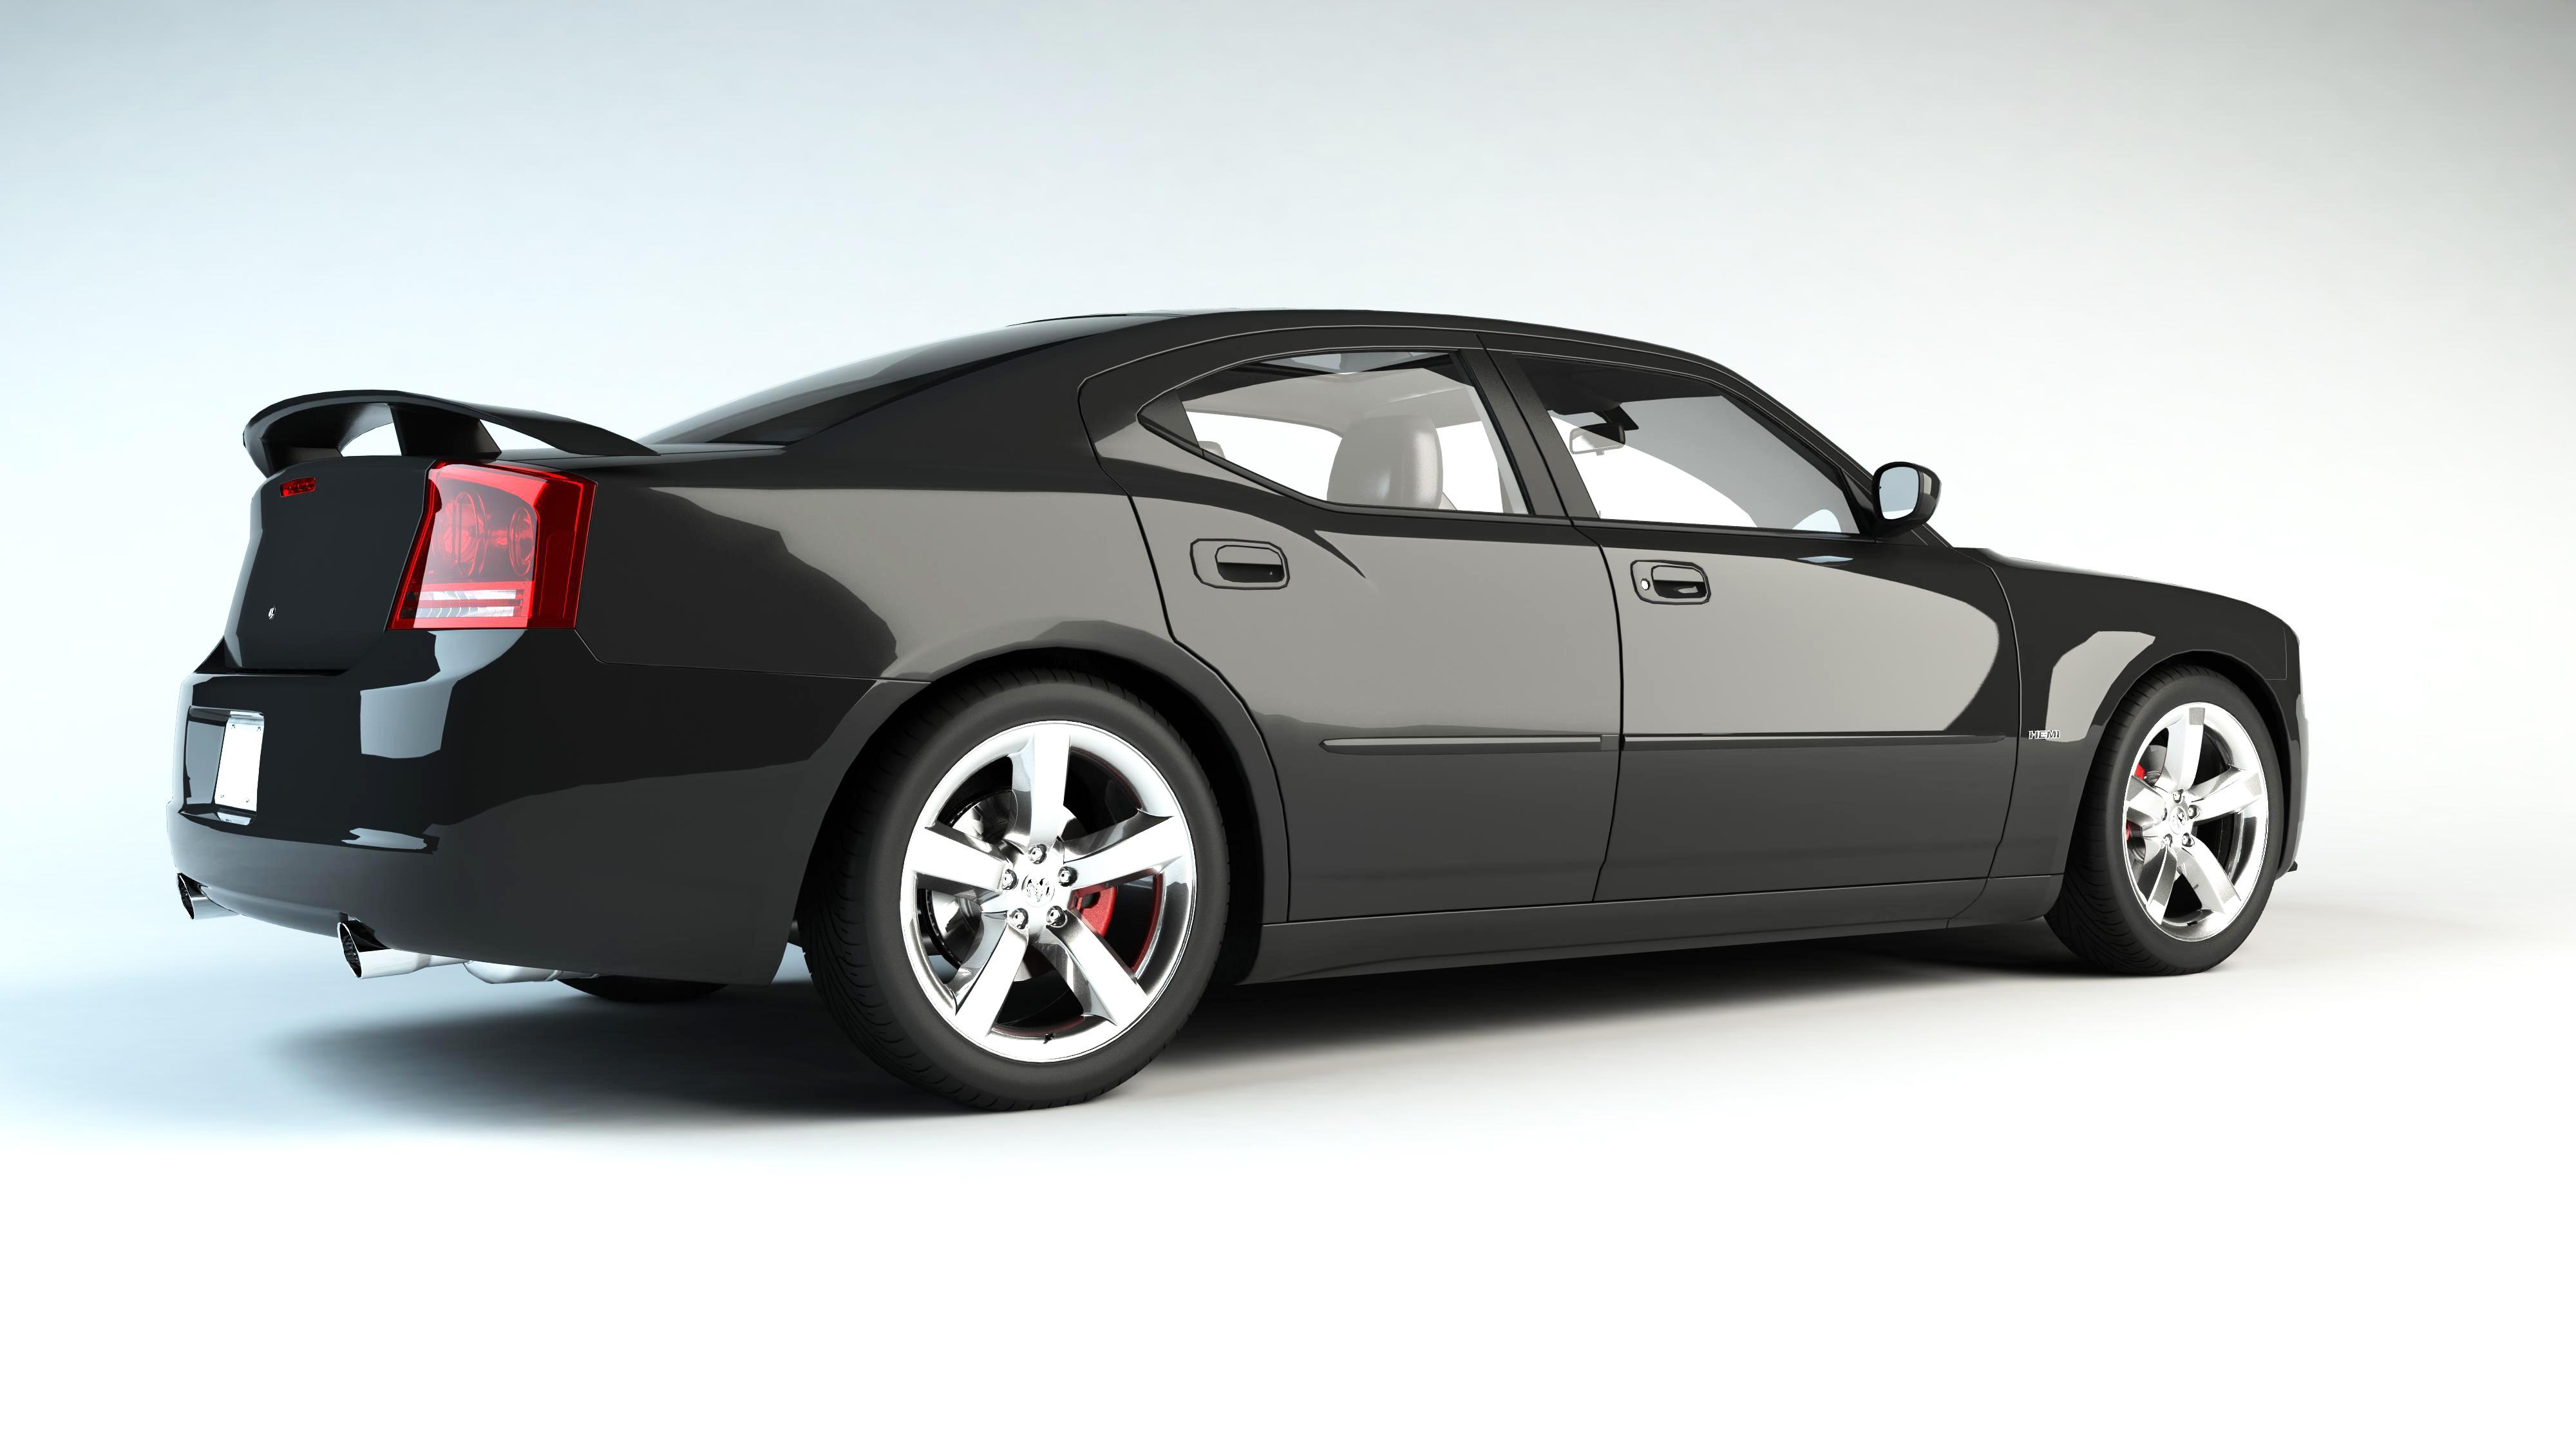 Gambar Roda Mobil Klasik Mobil Sport Bumper Supercar